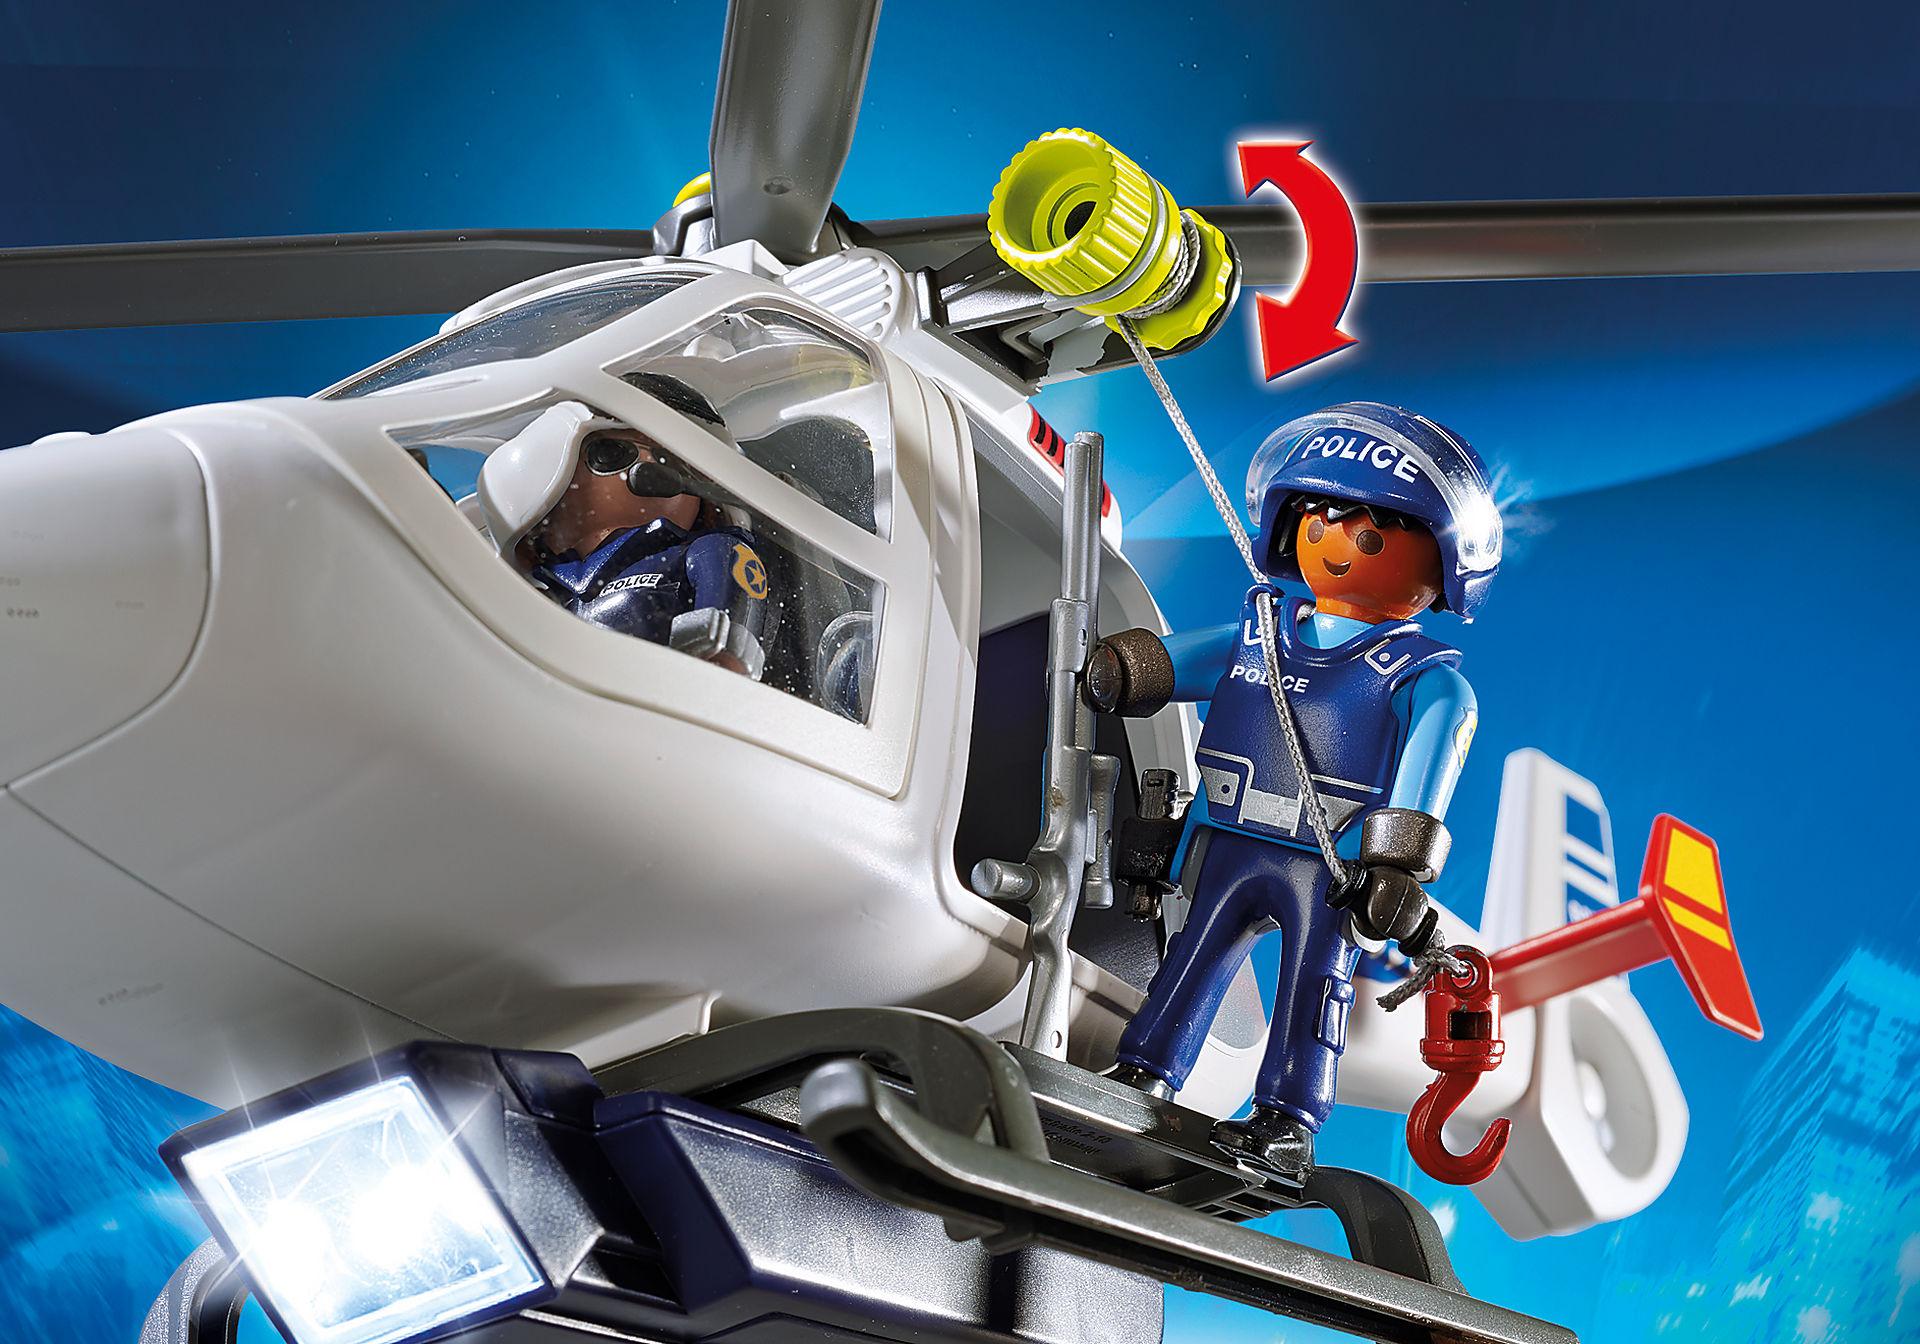 6921 Elicottero della polizia con luce di avvistamento zoom image5